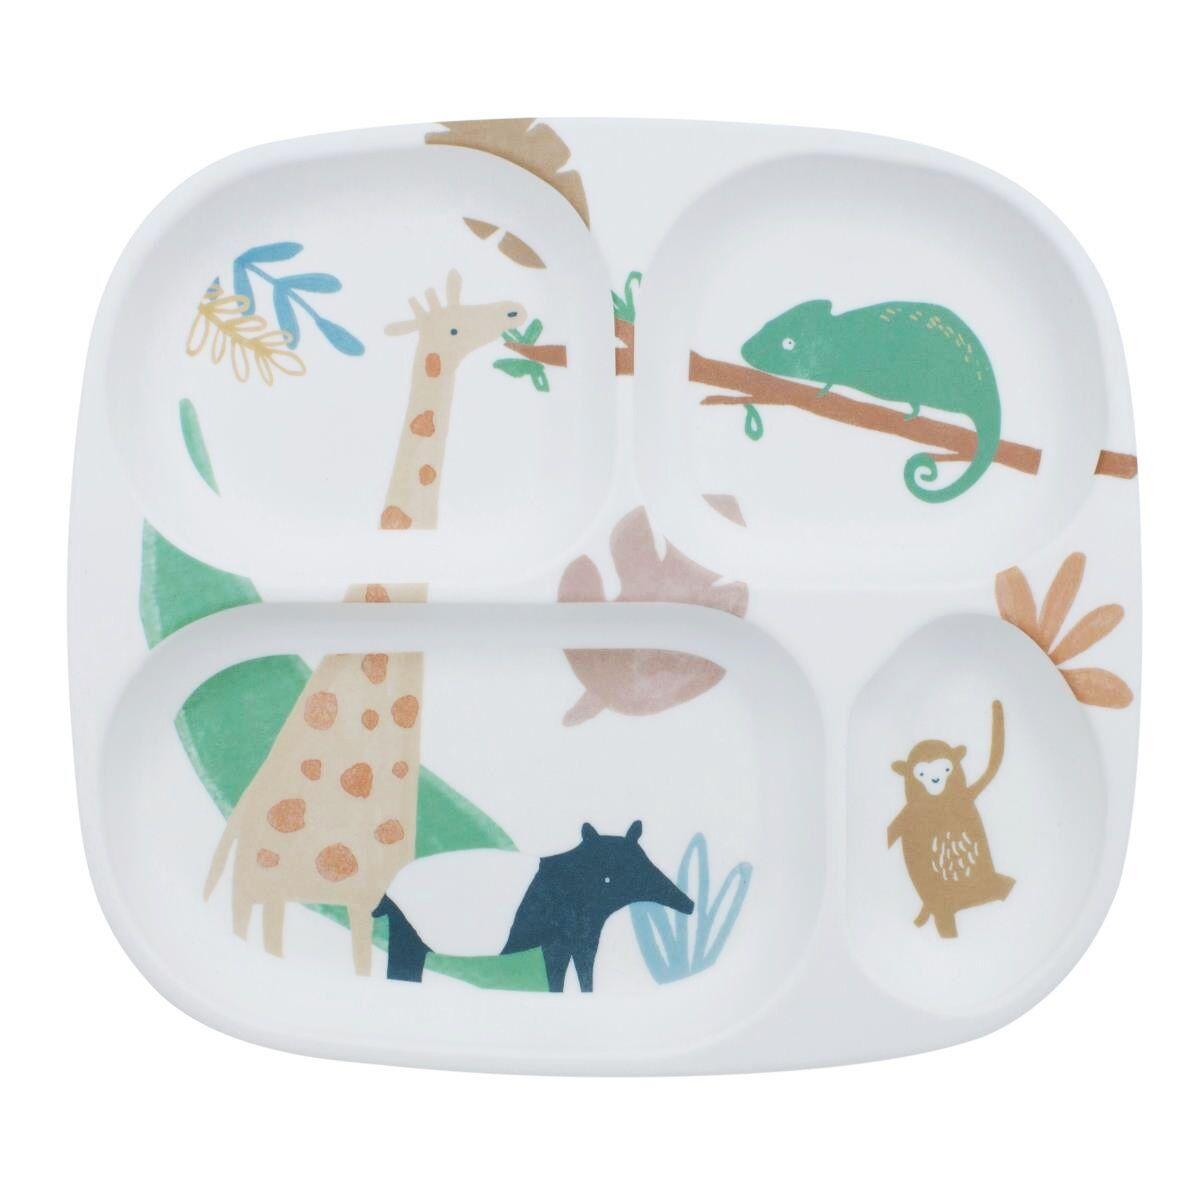 Sebra melamin 4-delt tallerken til barn, wildlife